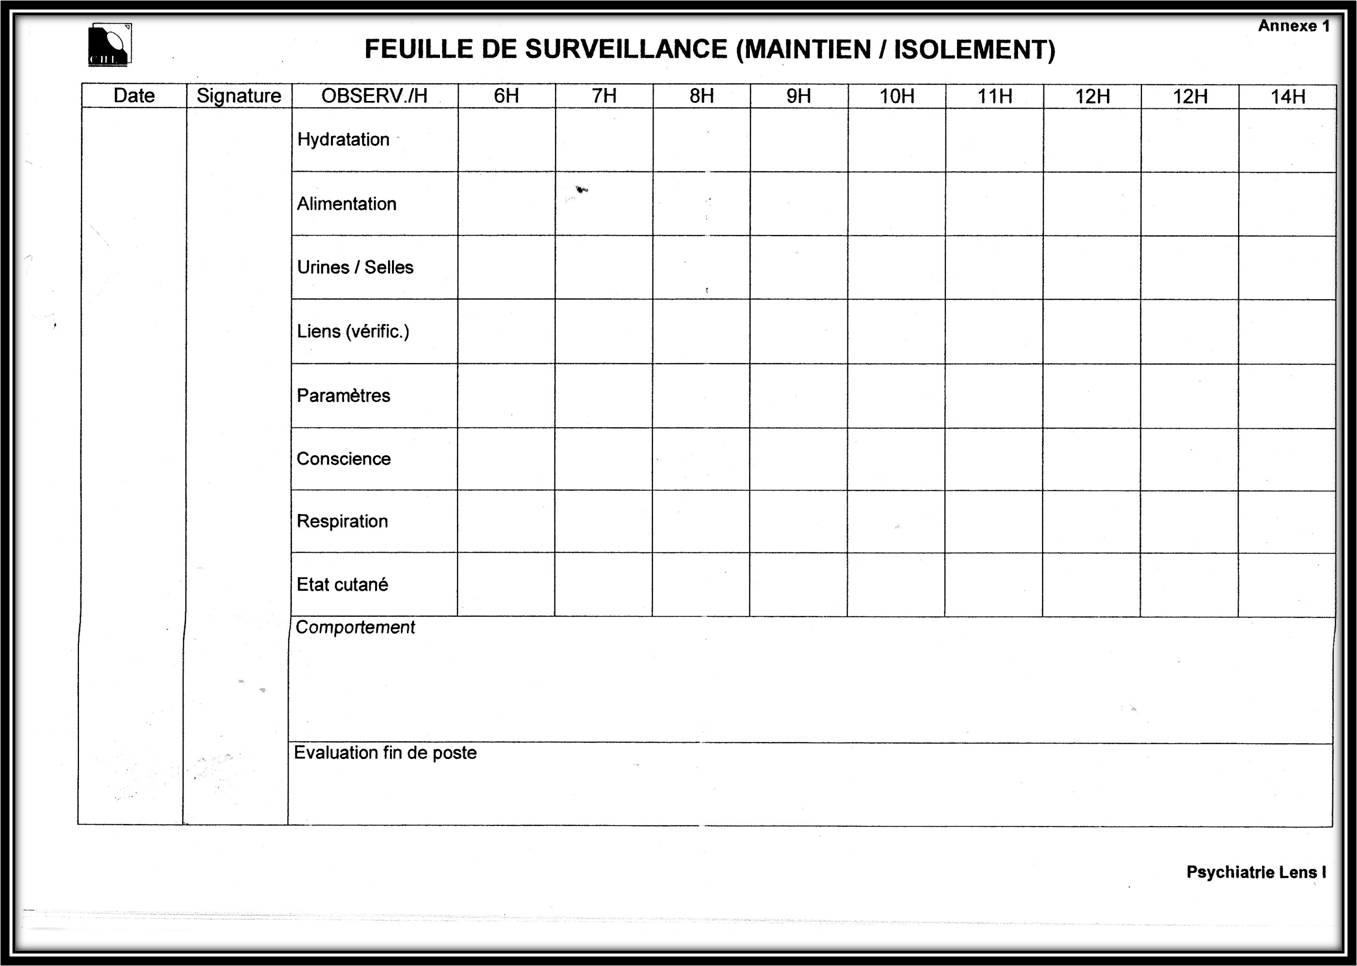 tableau de surveillance contention psychiatrie